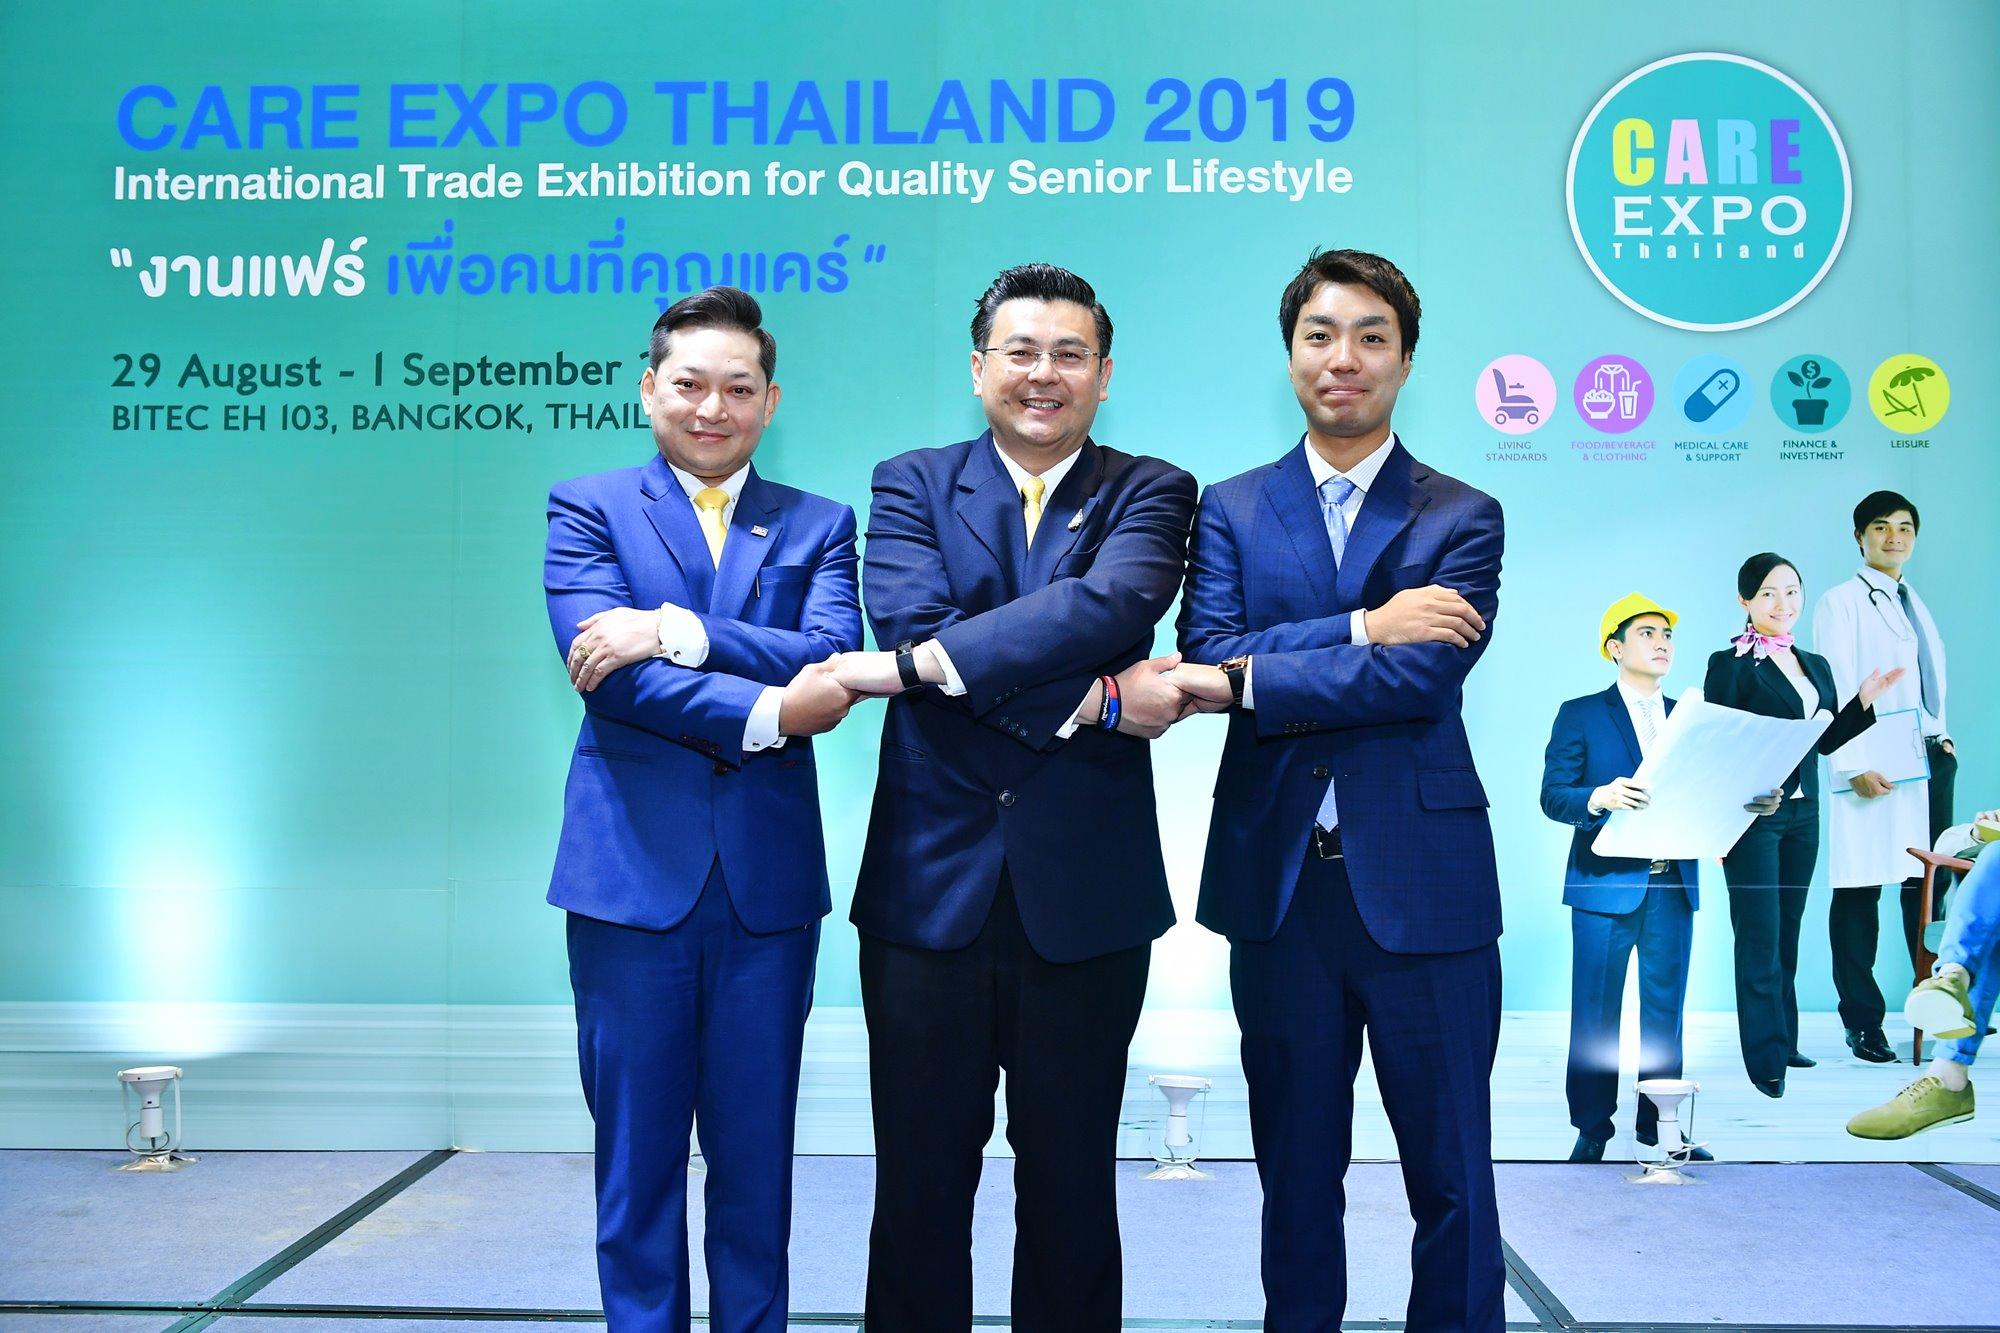 สสว. หนุน ผปก. กลุ่มสินค้าและบริการผู้สูงวัย จับมือภาคเอกชนจัดงาน CARE EXPO Thailand 2019 สำนักพิมพ์แม่บ้าน